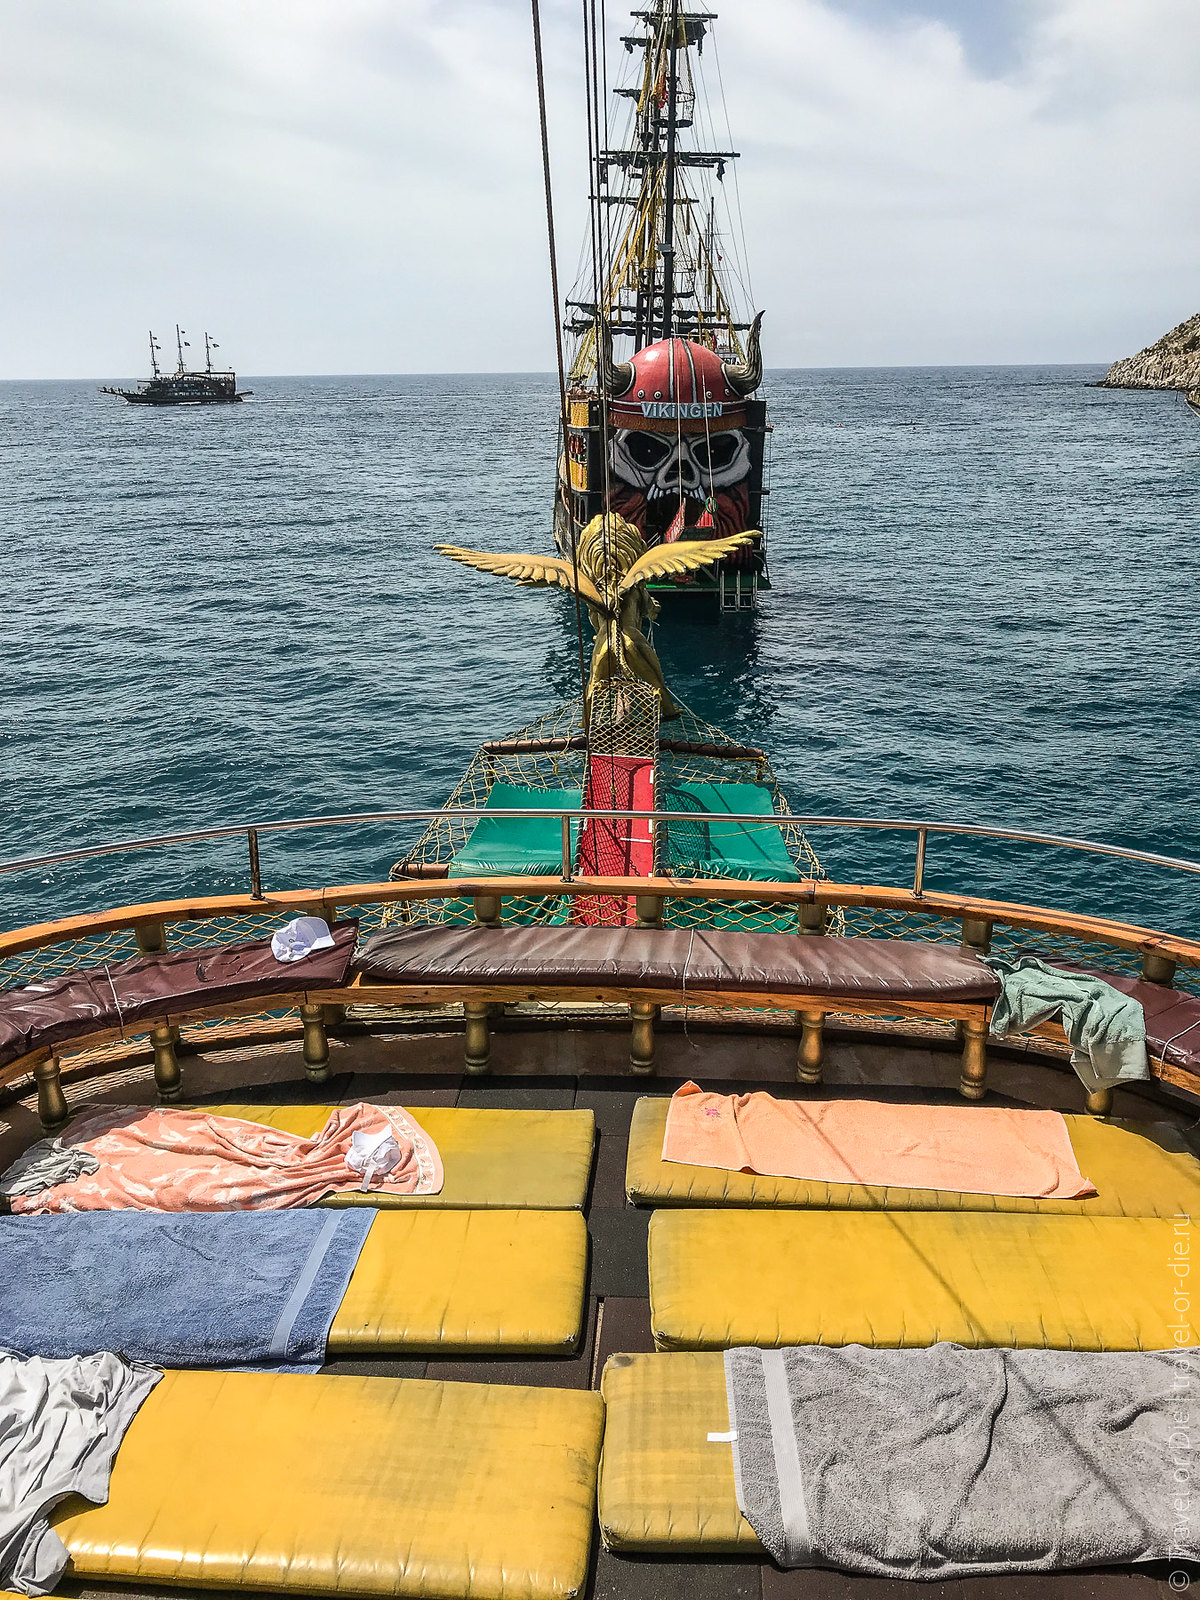 Pirate-Yacht-Alanya-Прогулка-на-пиратской-яхте-в-Алании-7108